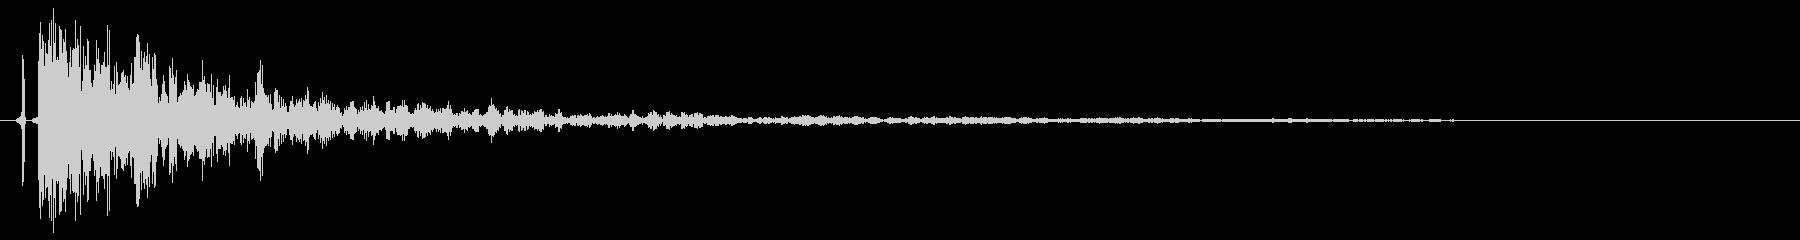 映画系オーケストラのティンパニ単発音!1の未再生の波形